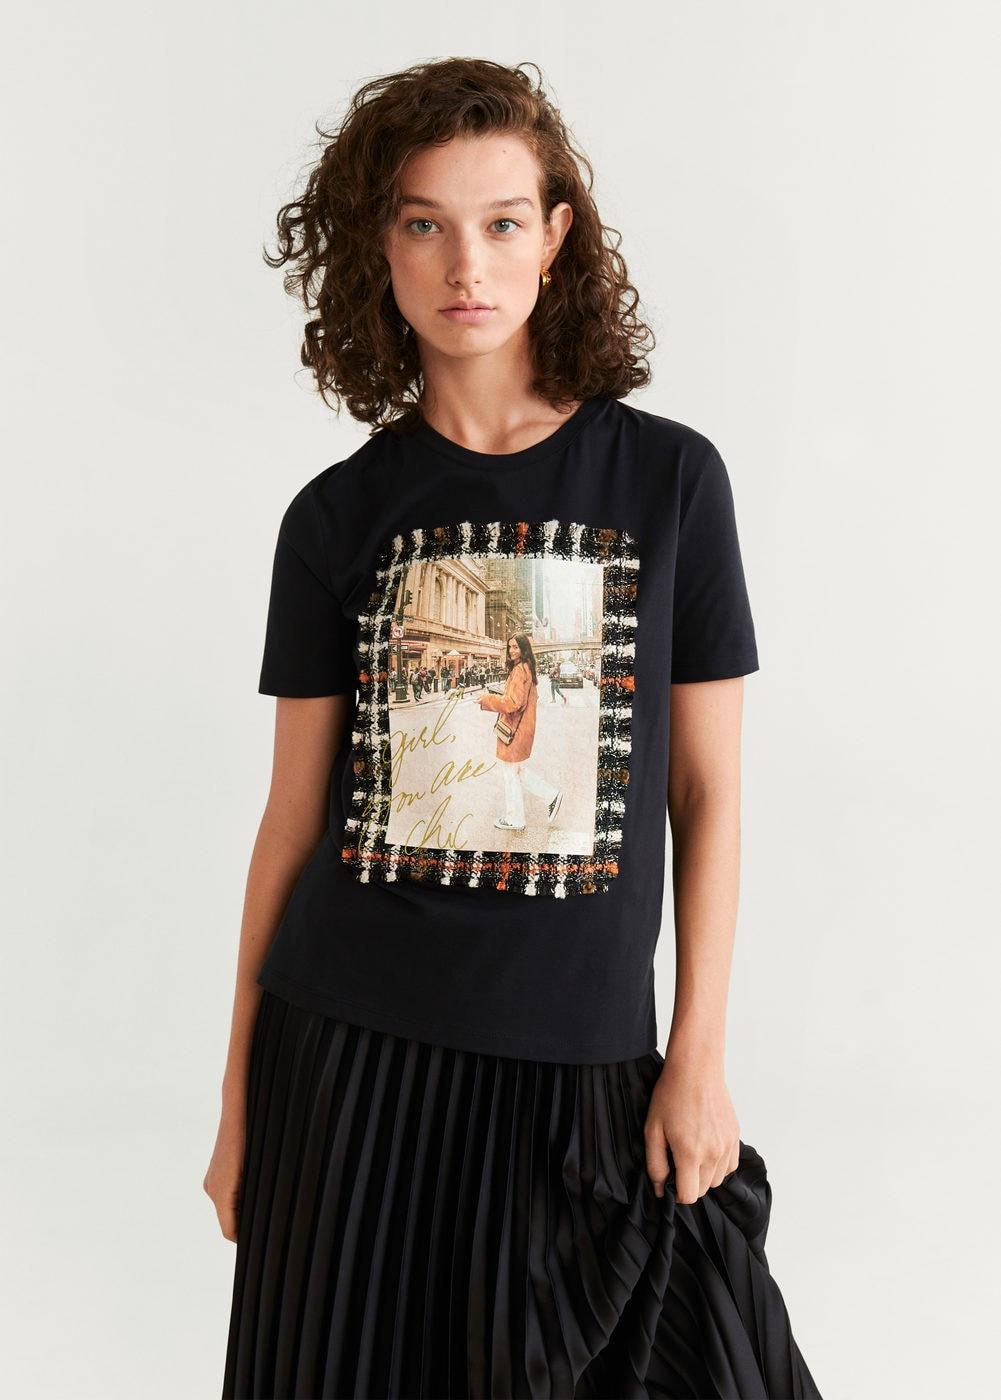 Camiseta imagen estampada - Camisetas y tops de Mujer | Mango España